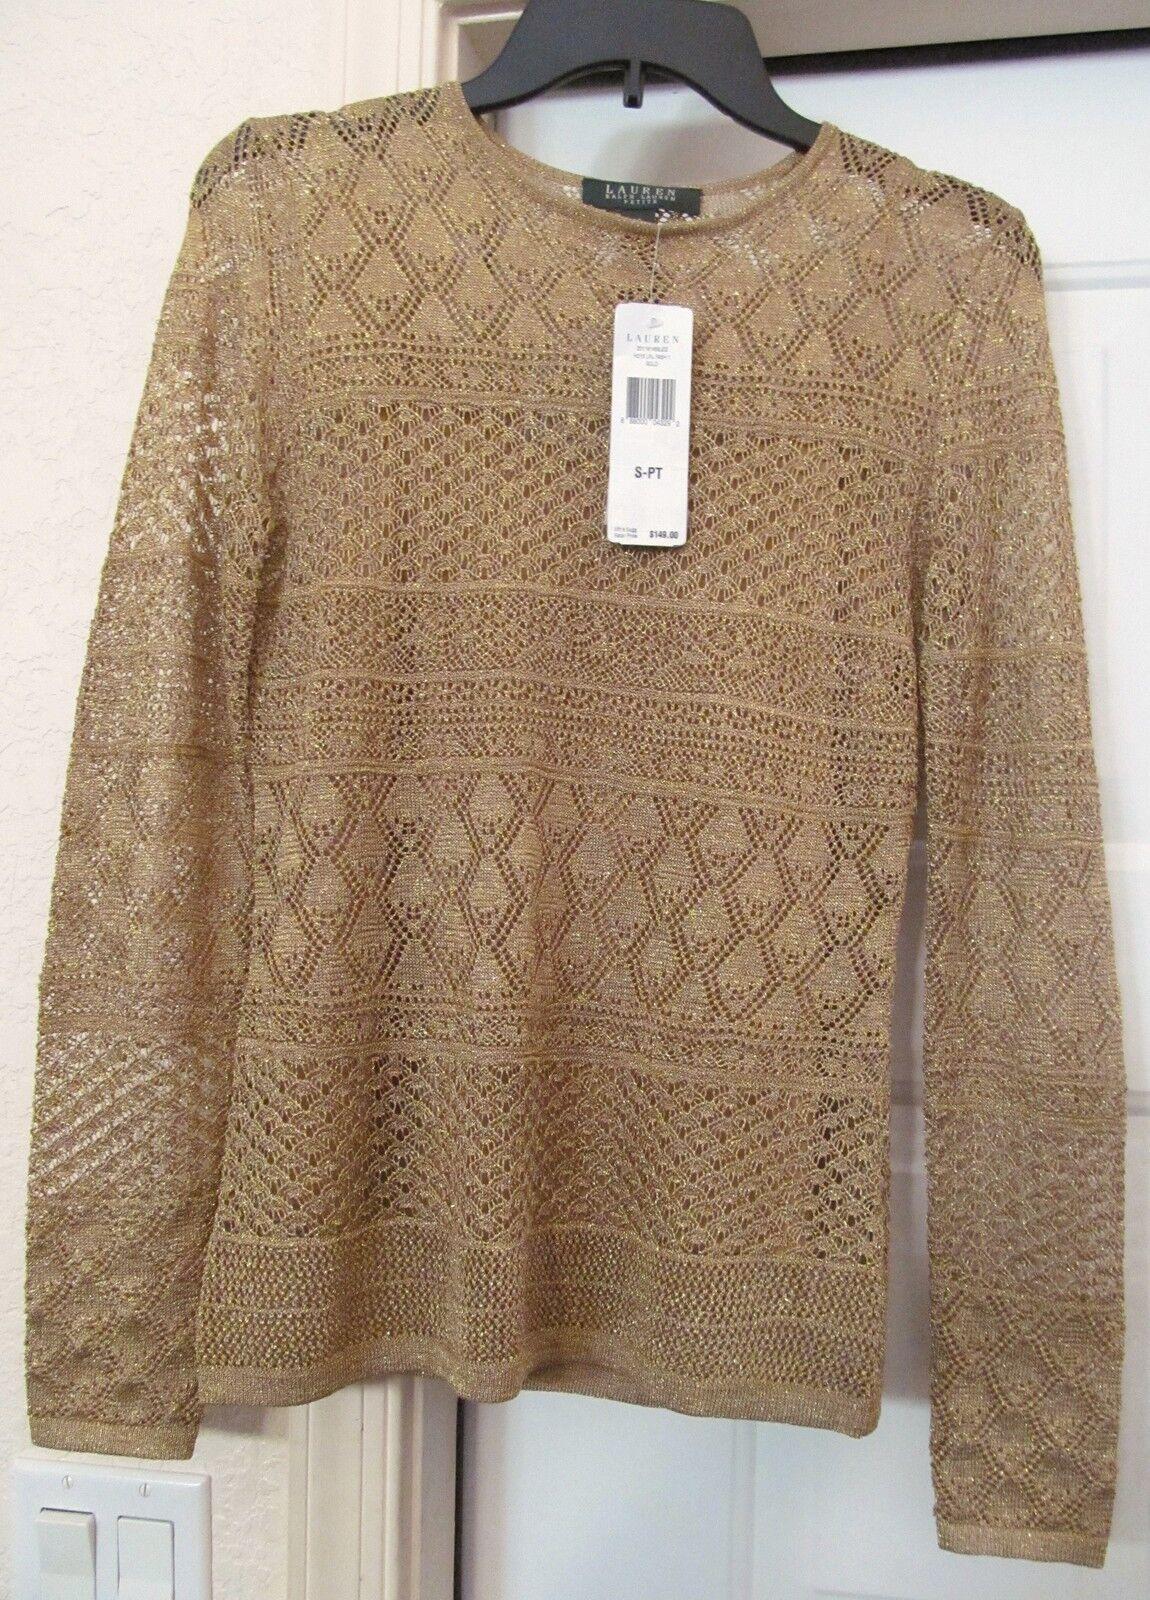 RALPH LAUREN PETITES Sweater top w Cami gold Metallic Crochet Look Size PS New